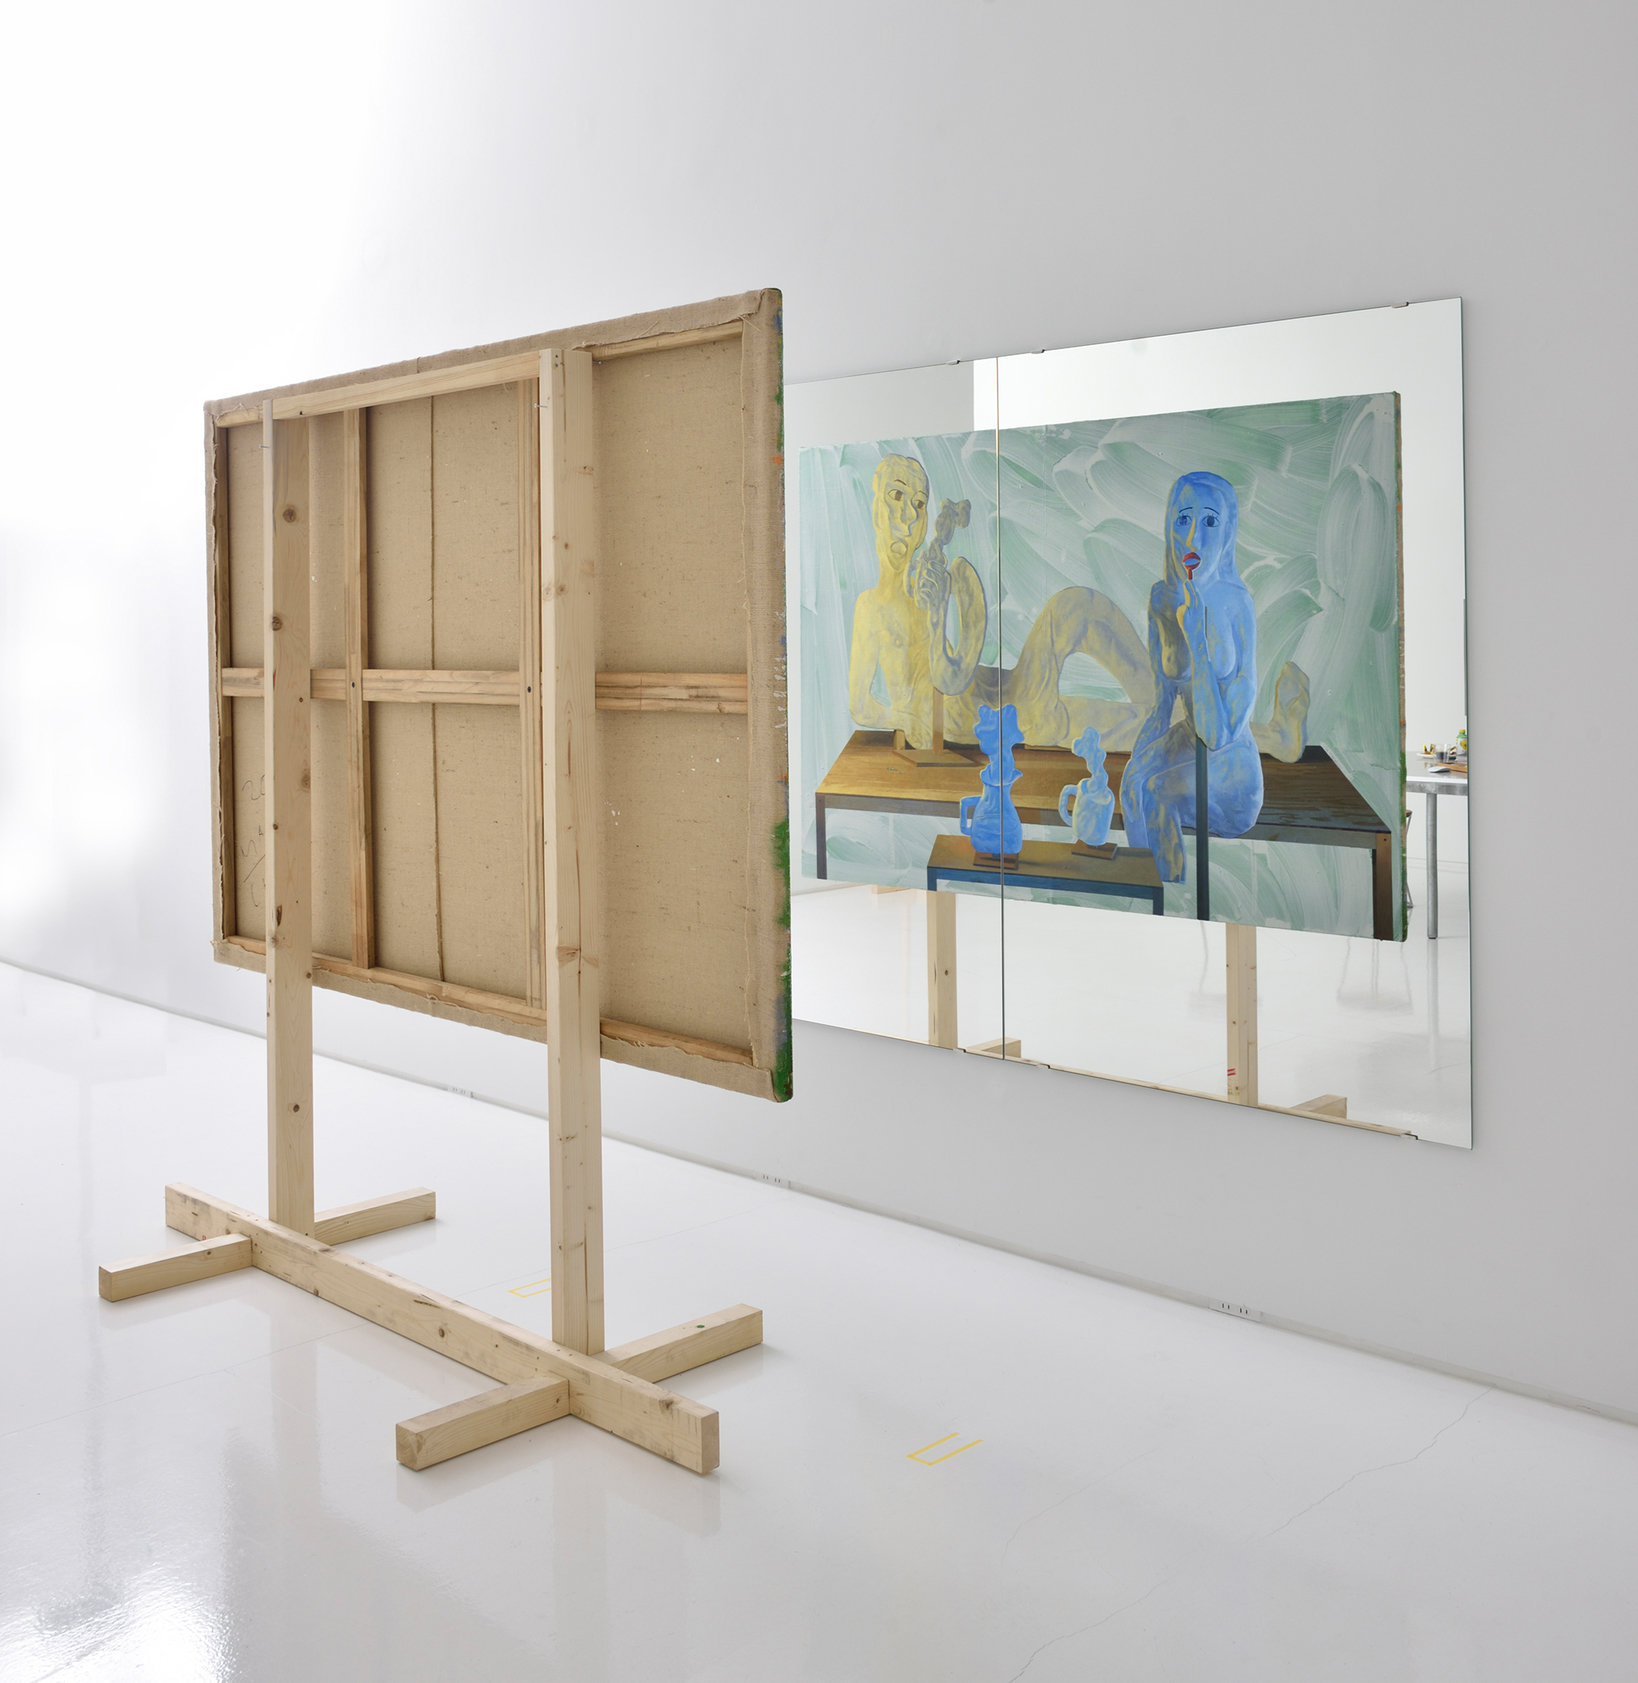 千葉正也《モーニングコーヒー、湯気 》2018, キャンバスに油彩、鏡、木材, 131x194cm (キャンバス) 150x210cm(鏡), copyright the artist, courtesy of ShugoArts